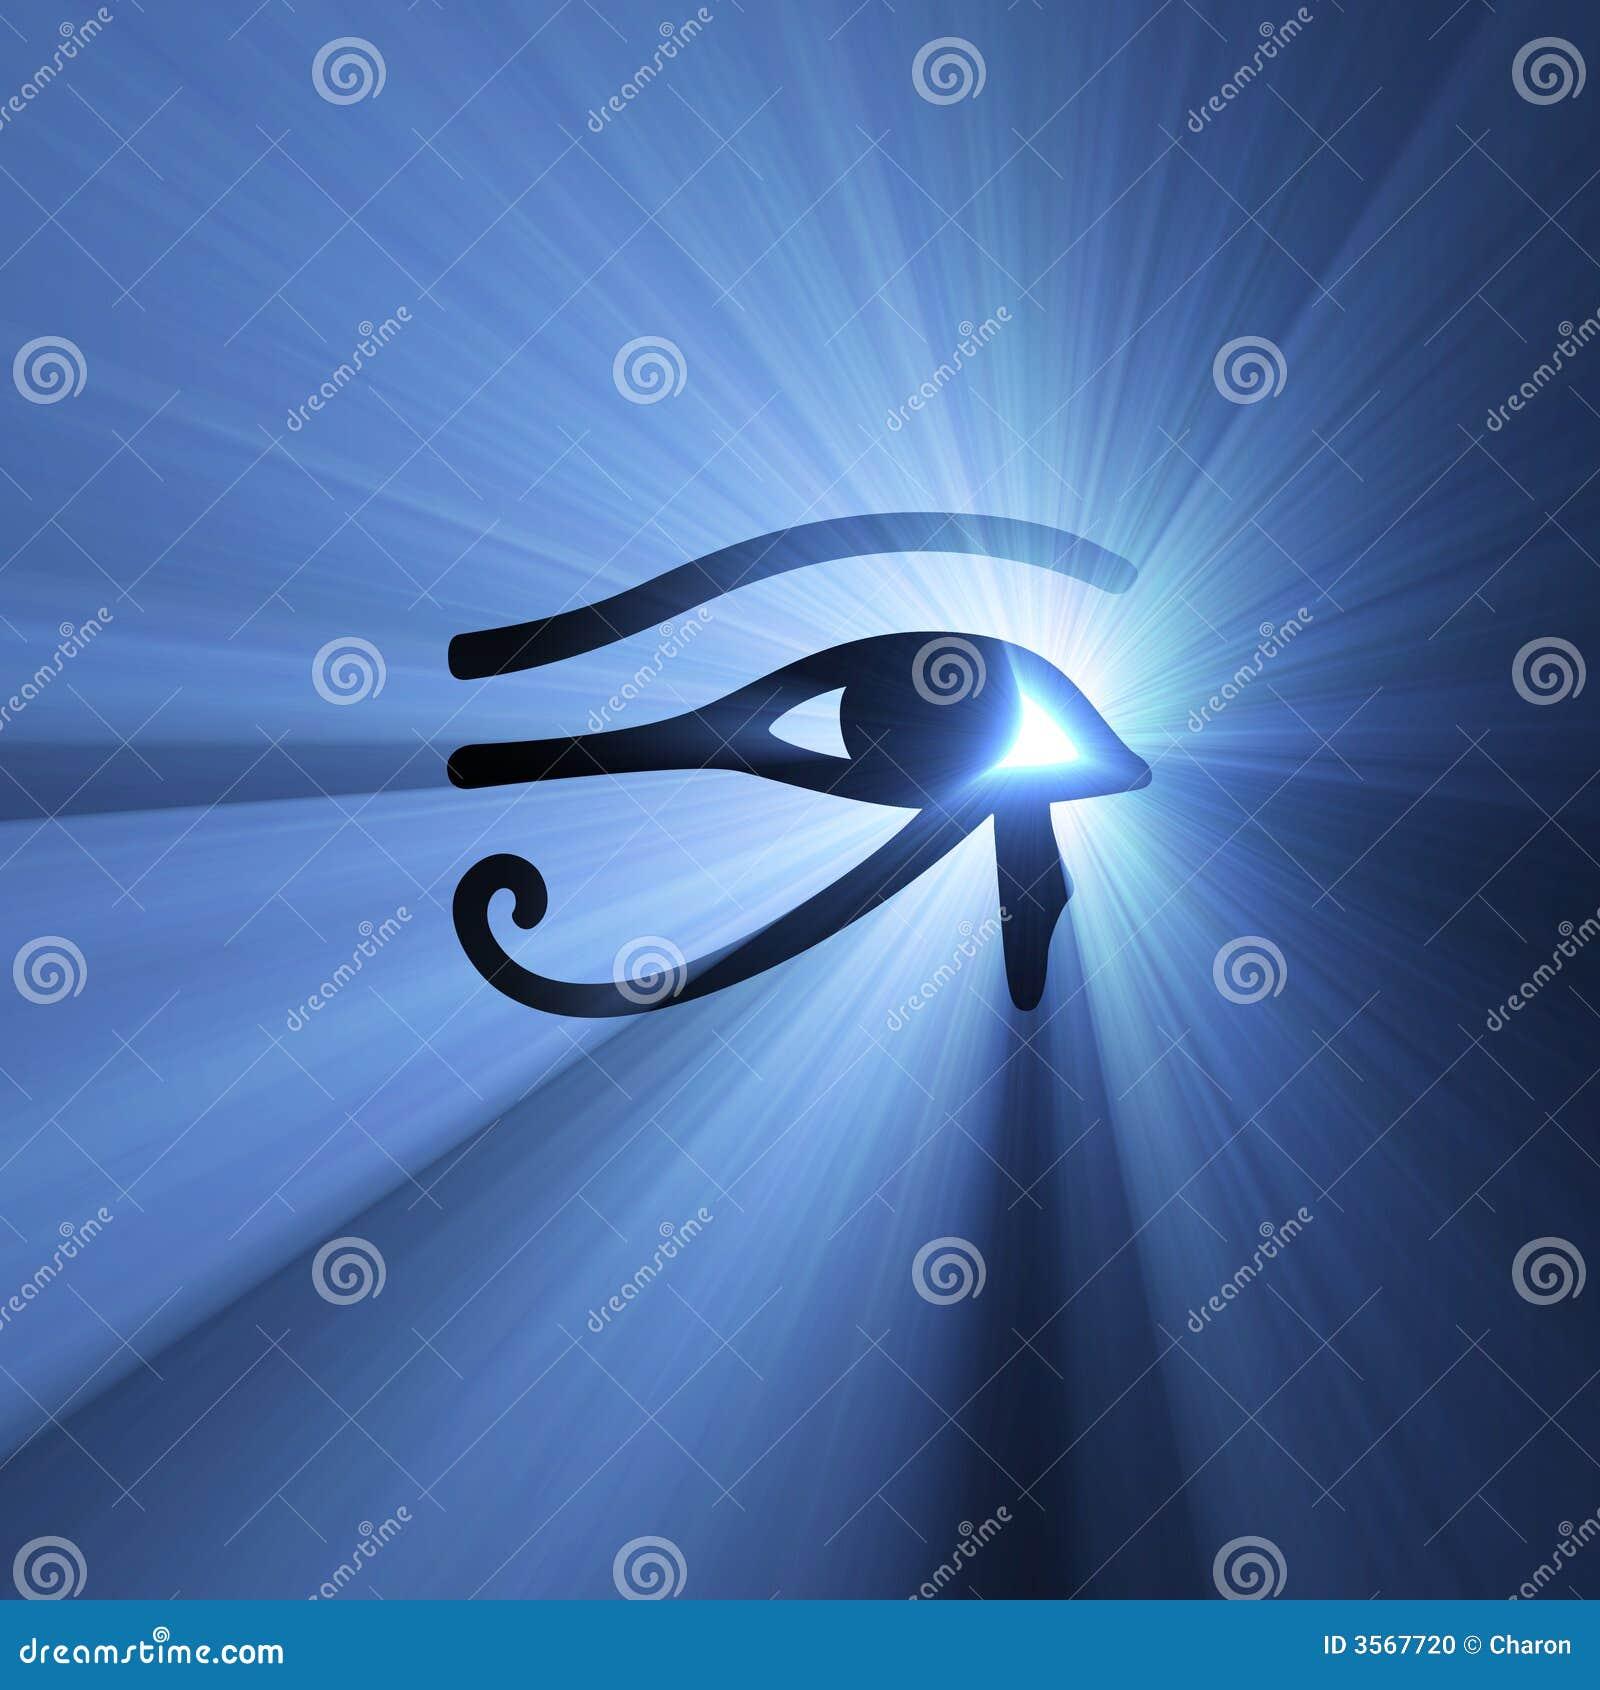 Eye of Horus Egyptian symbol light flare